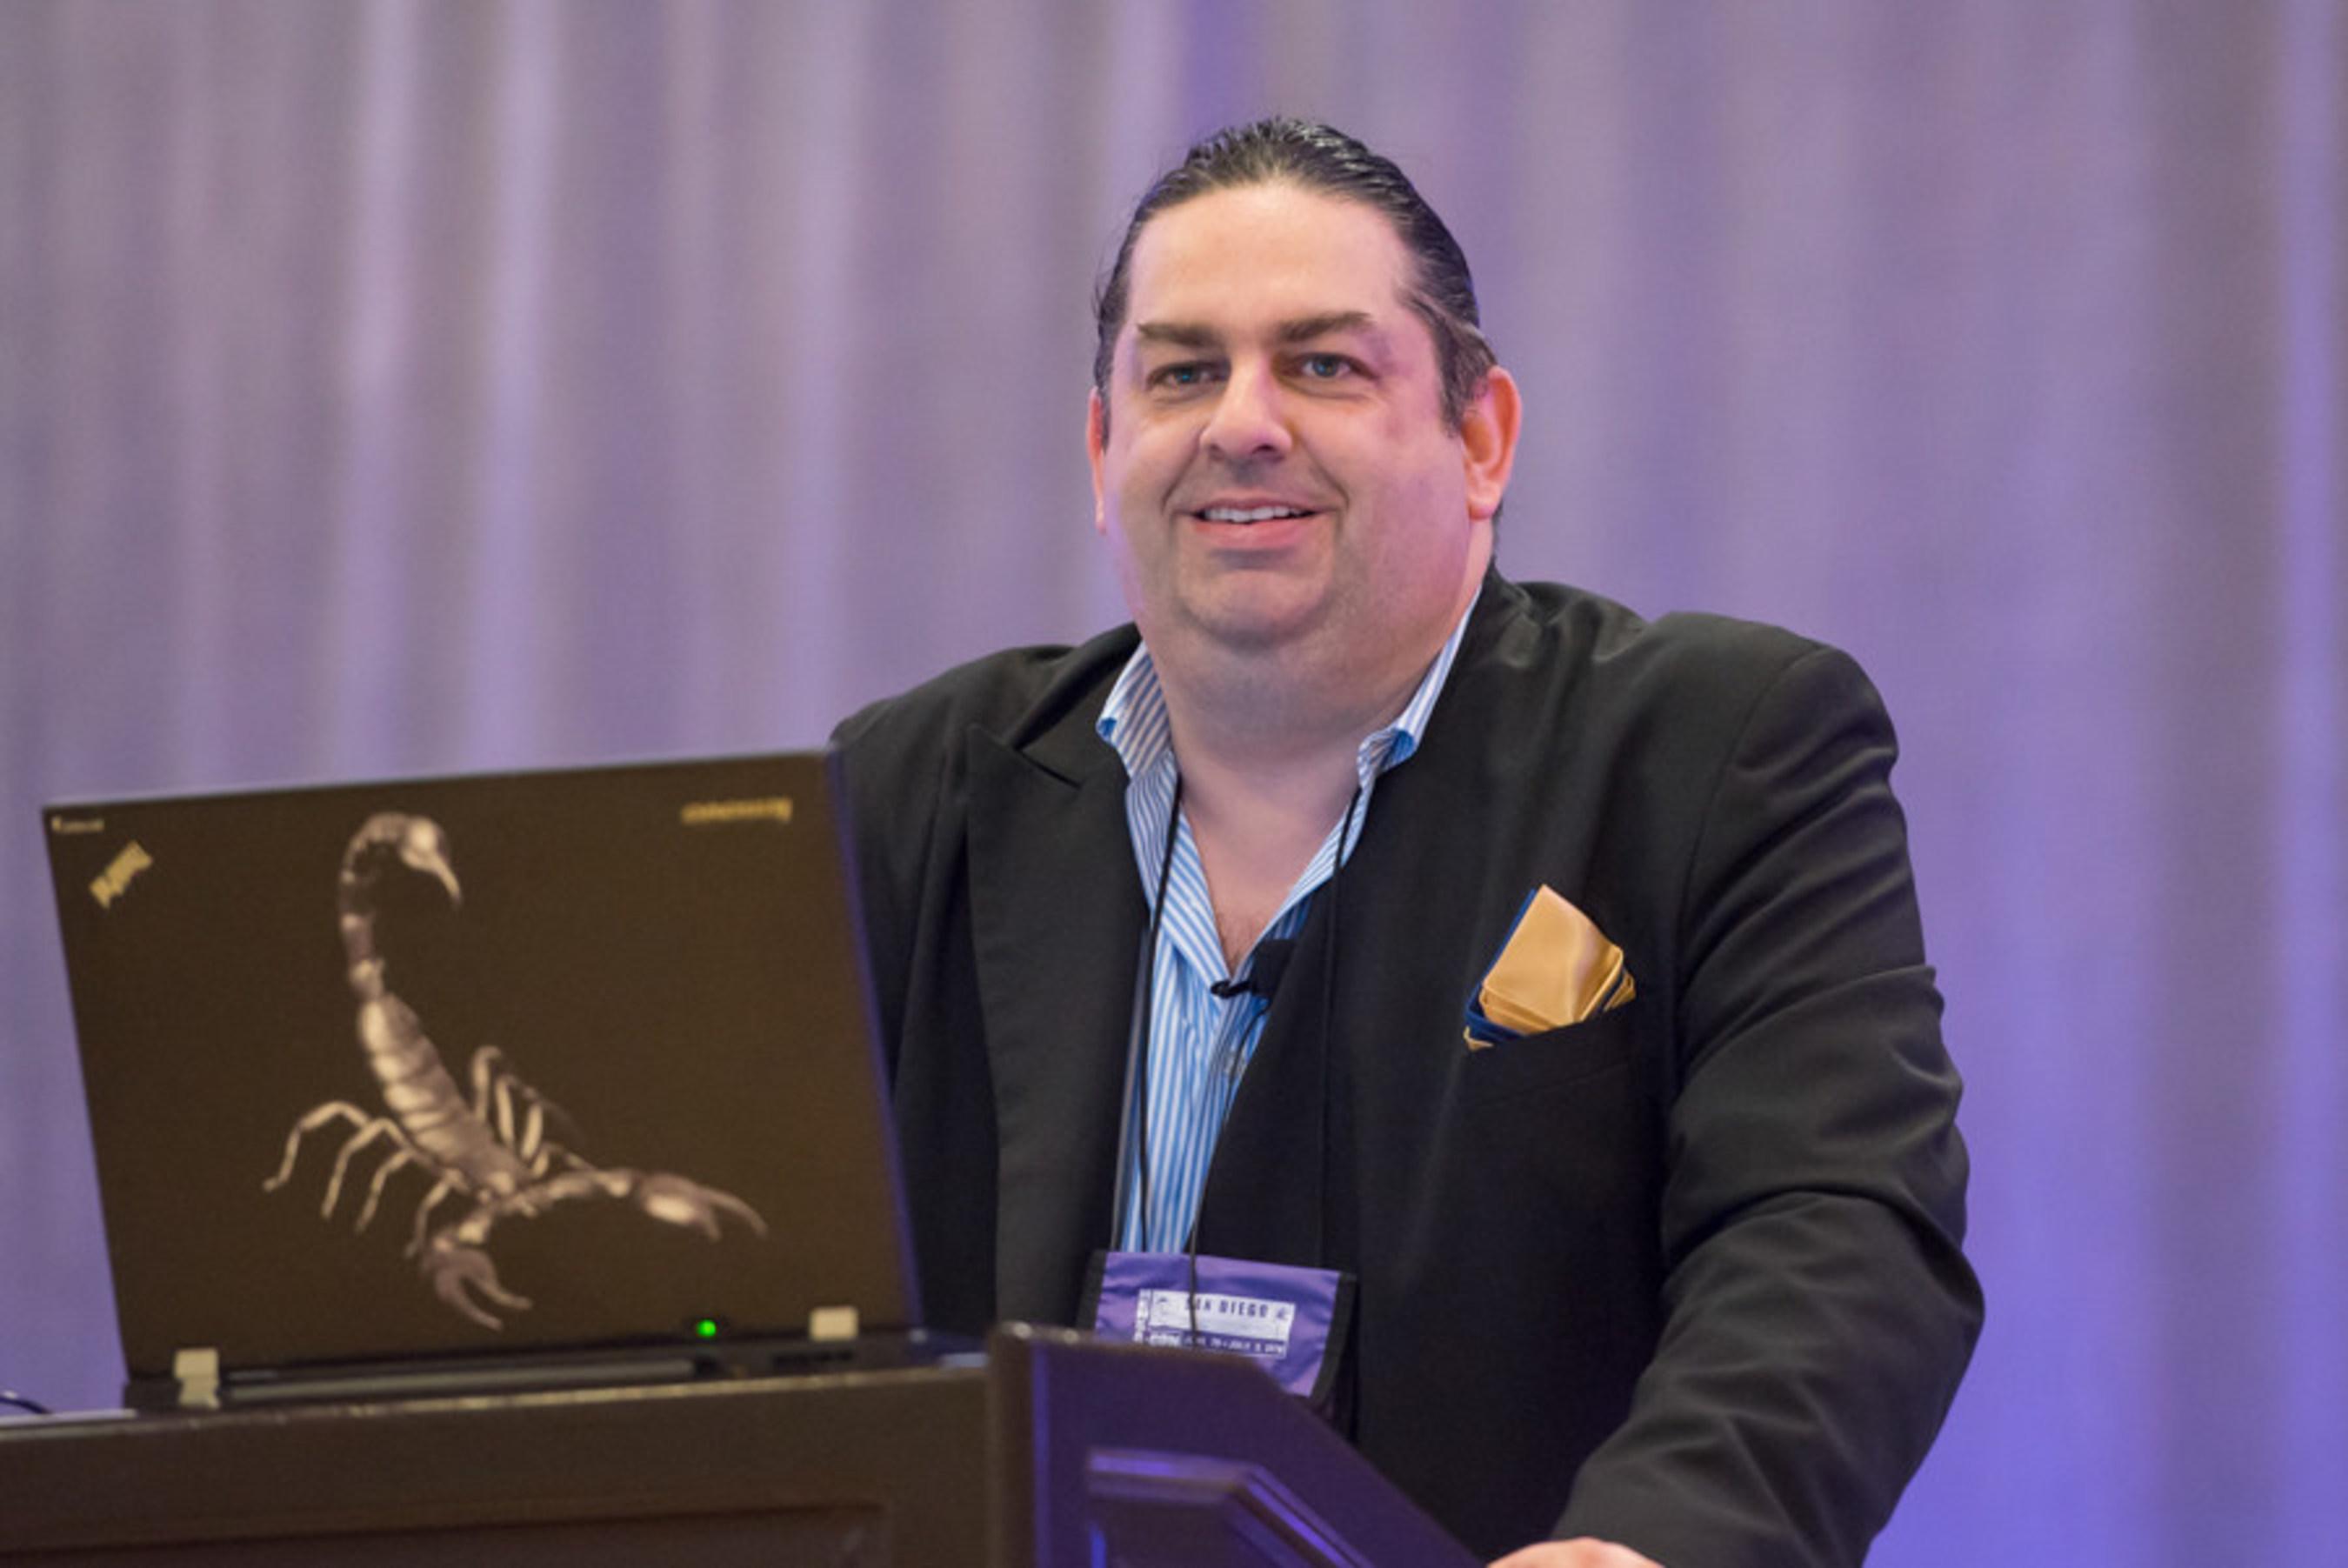 Walter O'Brien keynotes MENSA Annual Gathering, San Diego, CA